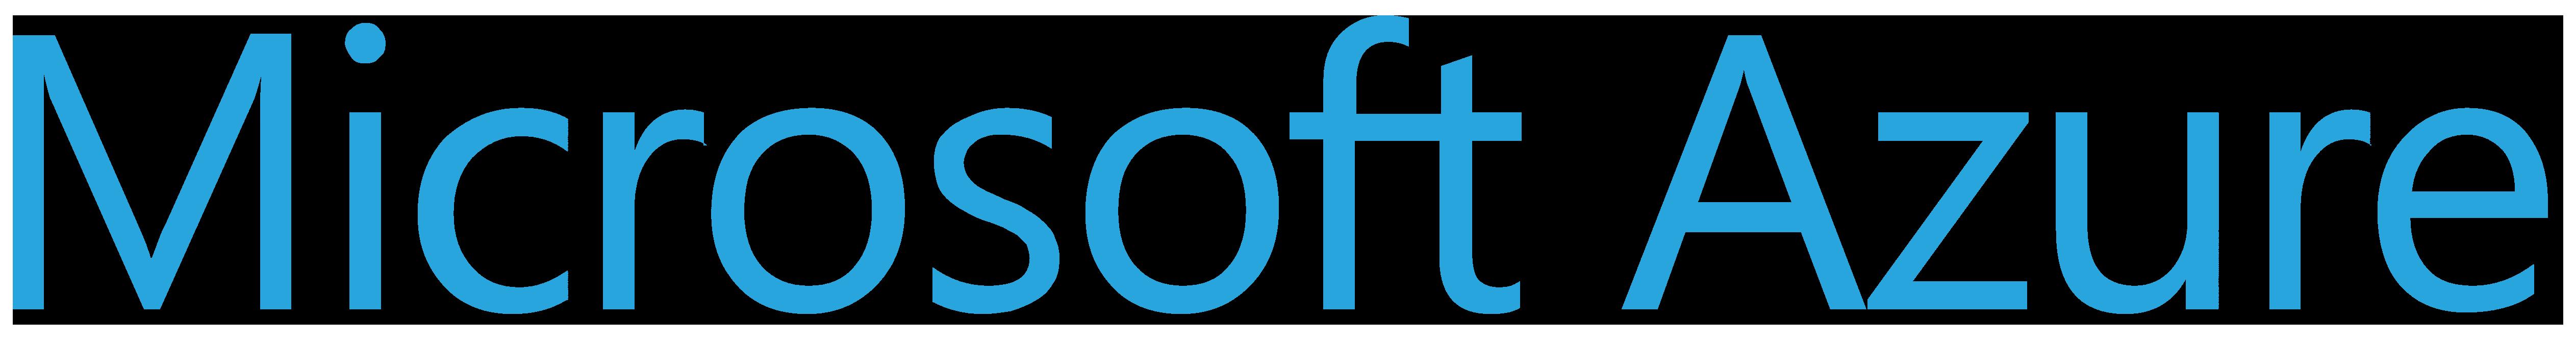 Microsoft Azure – Logos Download